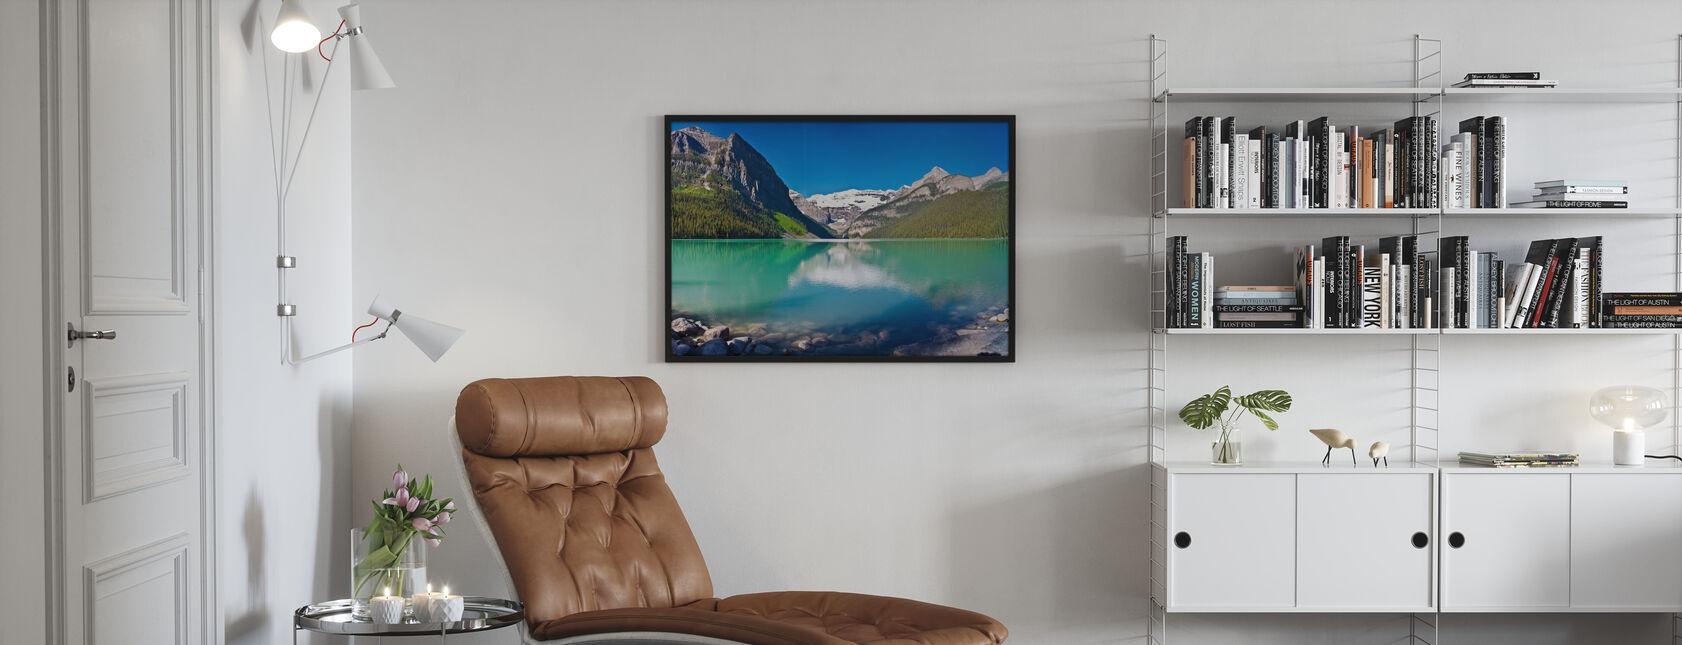 Lake Louise, Alberta, Canada, North America, Panorama - Poster - Living Room